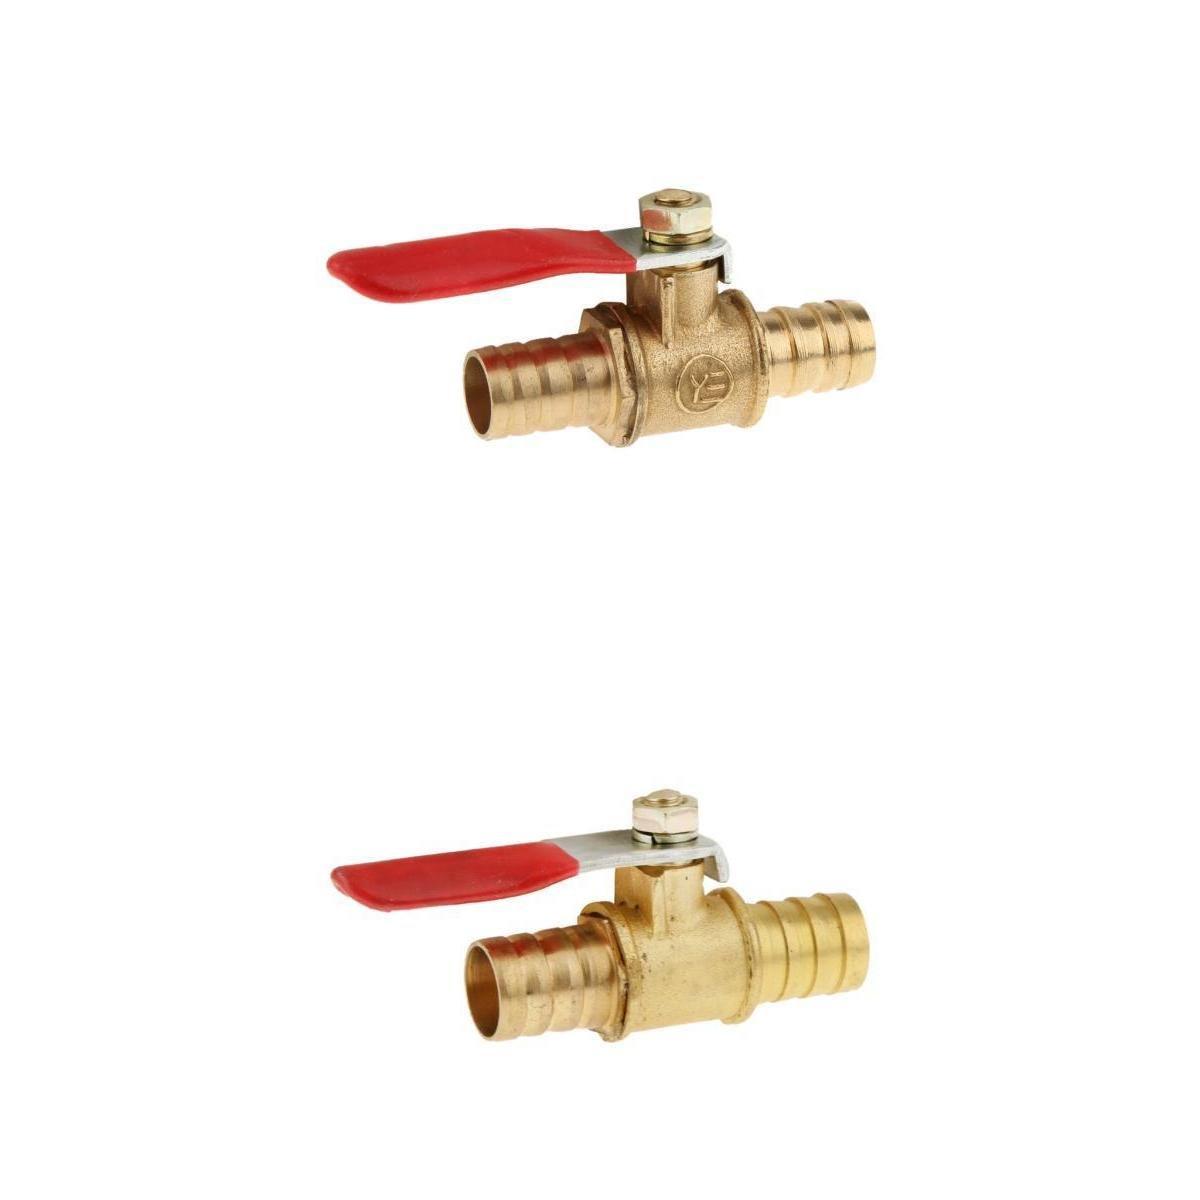 MagiDeal 1//4 V/álvula de Bola Grifo de Purga Interruptor L/íquidos Gas Aire de Drenaje Mango Rojo